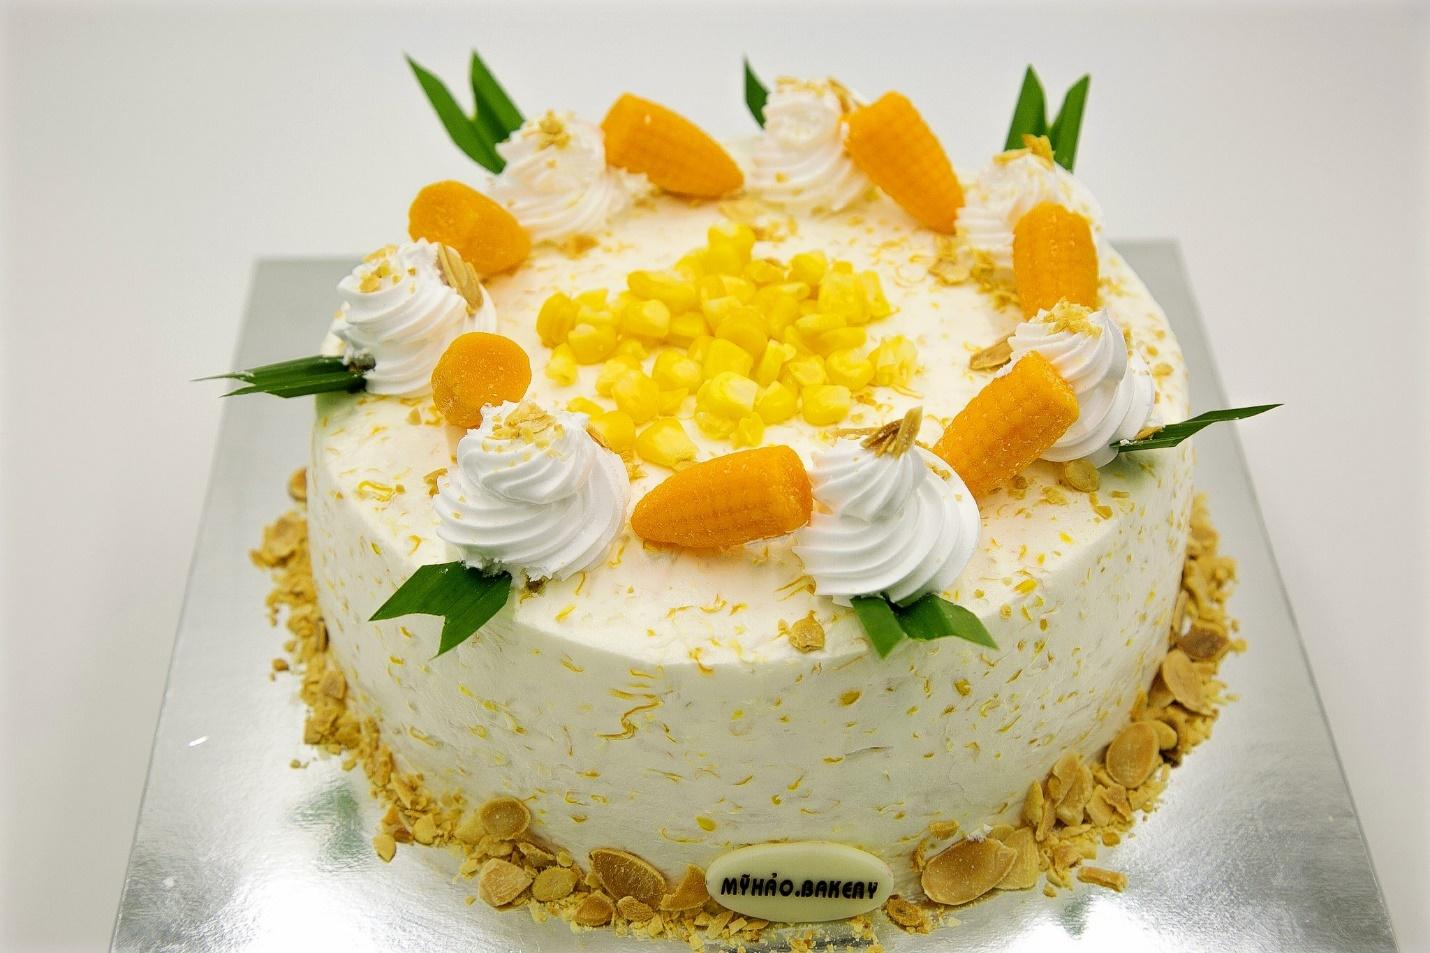 Bánh kem Sài Gòn nổi tiếng với loại bánh nào?